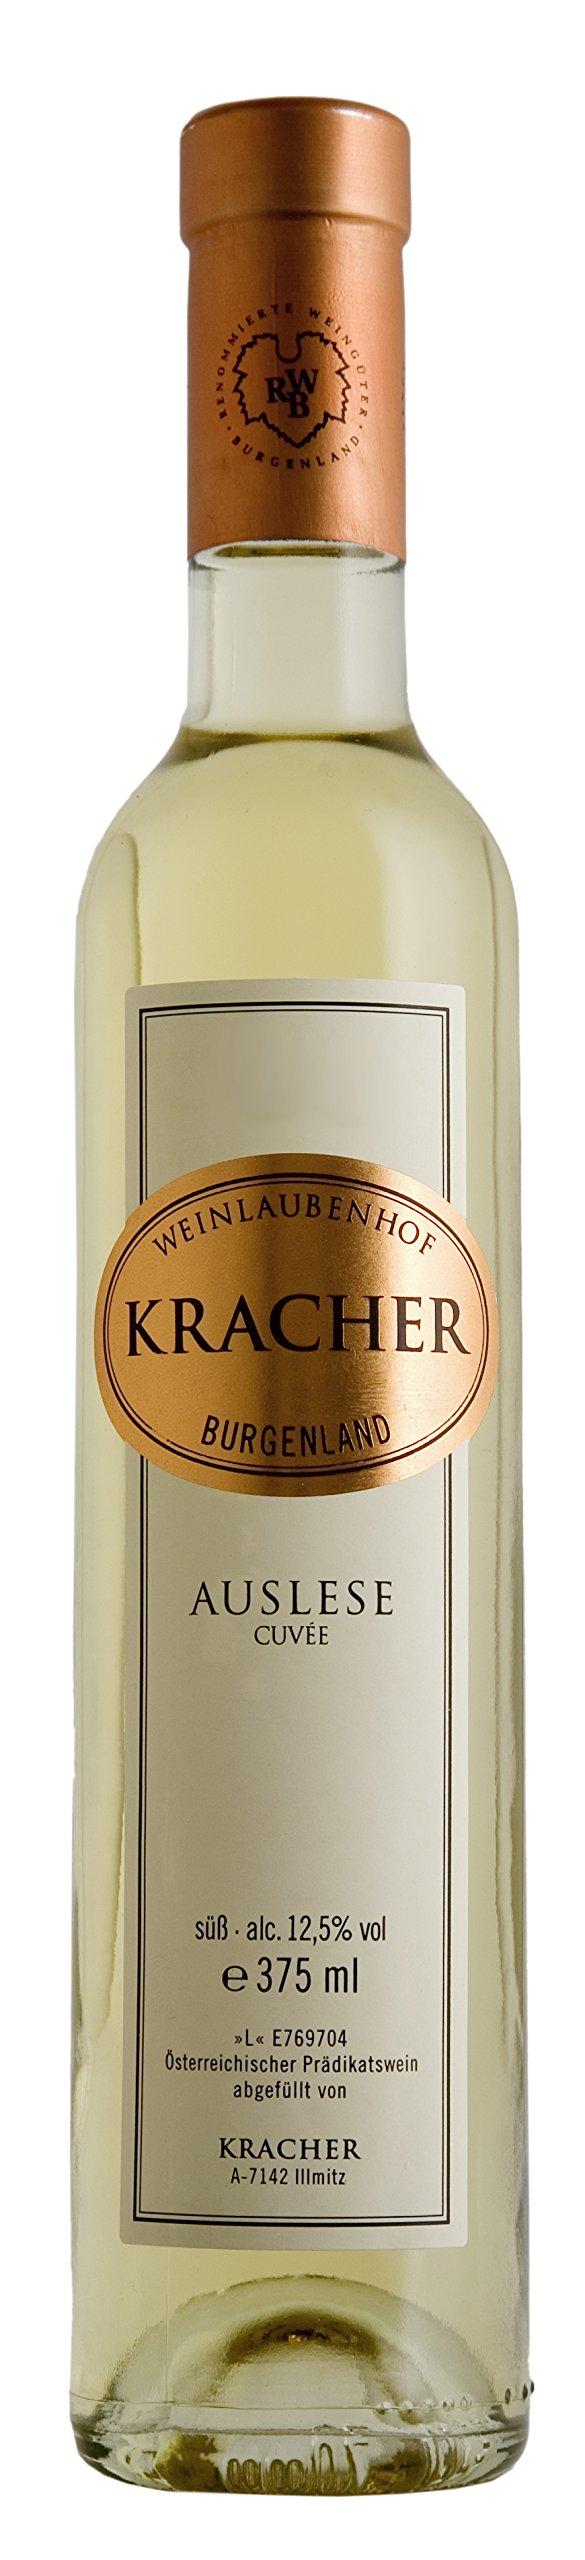 Kracher-Cuve-Auslese-2017-Weinlaubenhof-Kracher-edelser-Wein-aus-dem-Burgenland